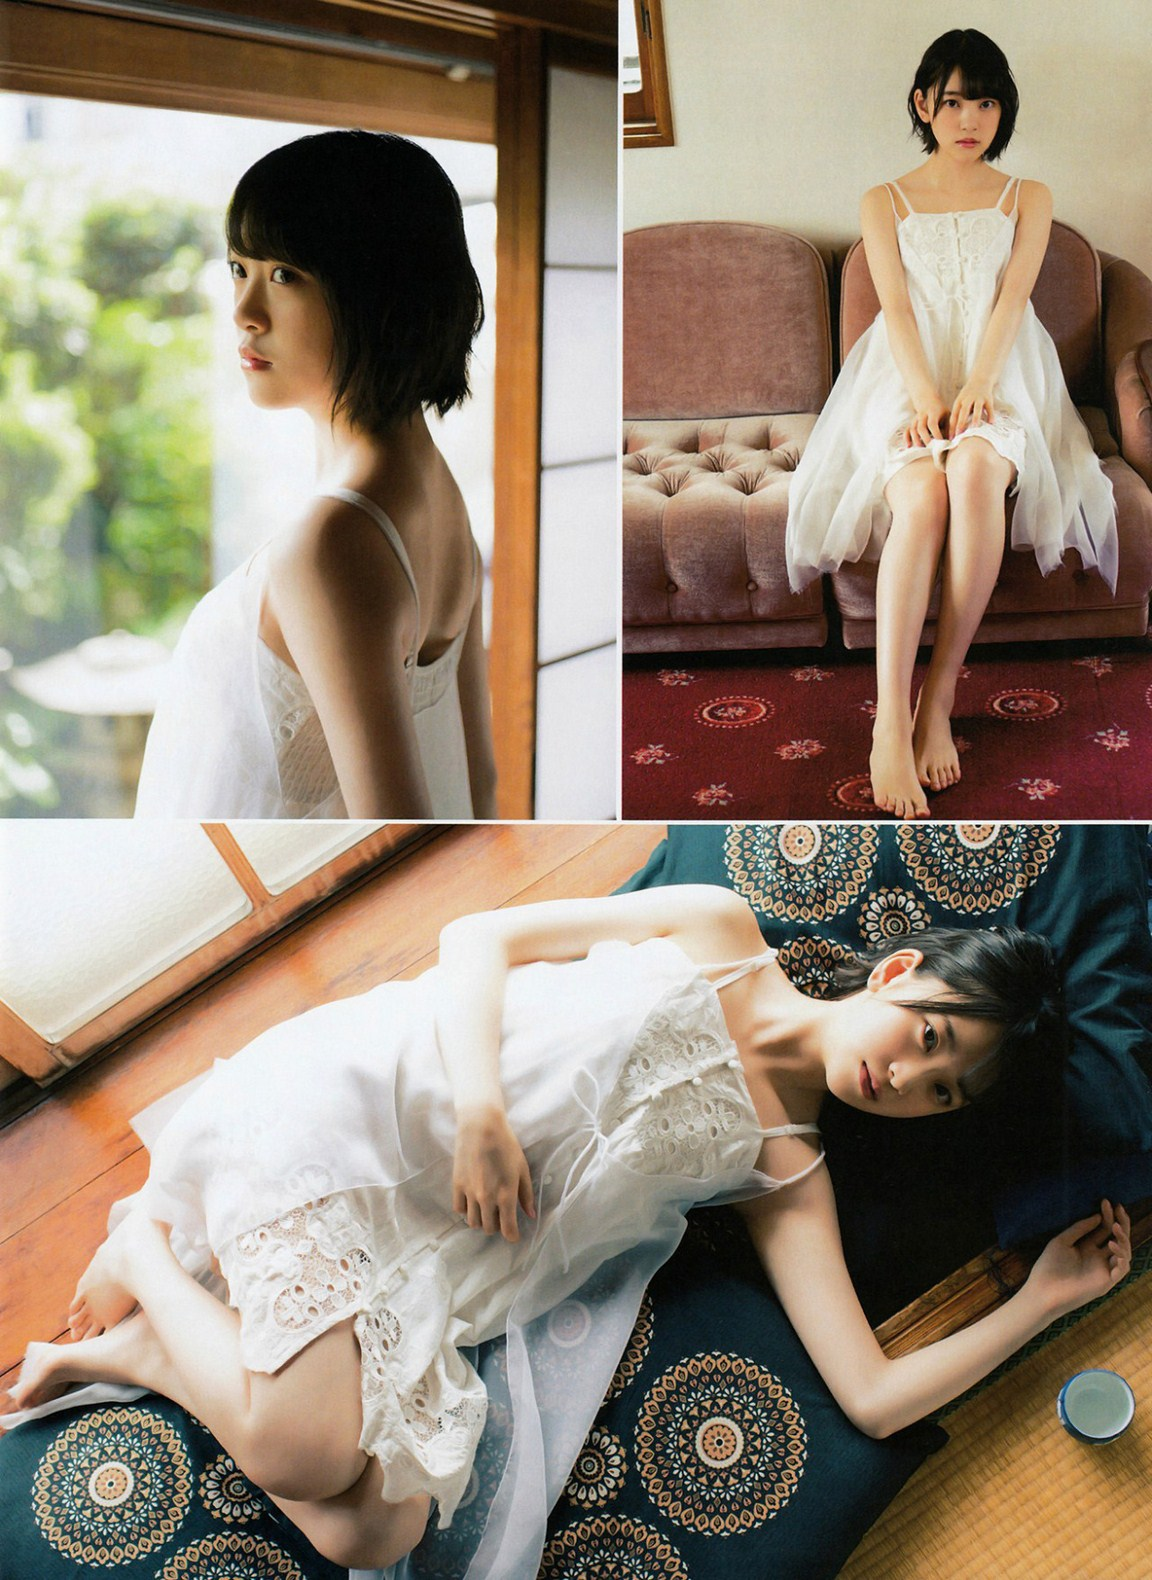 Hori Miona 堀未央奈 Nogizaka46, Gekkan ENTAME 2016.08 Gravure